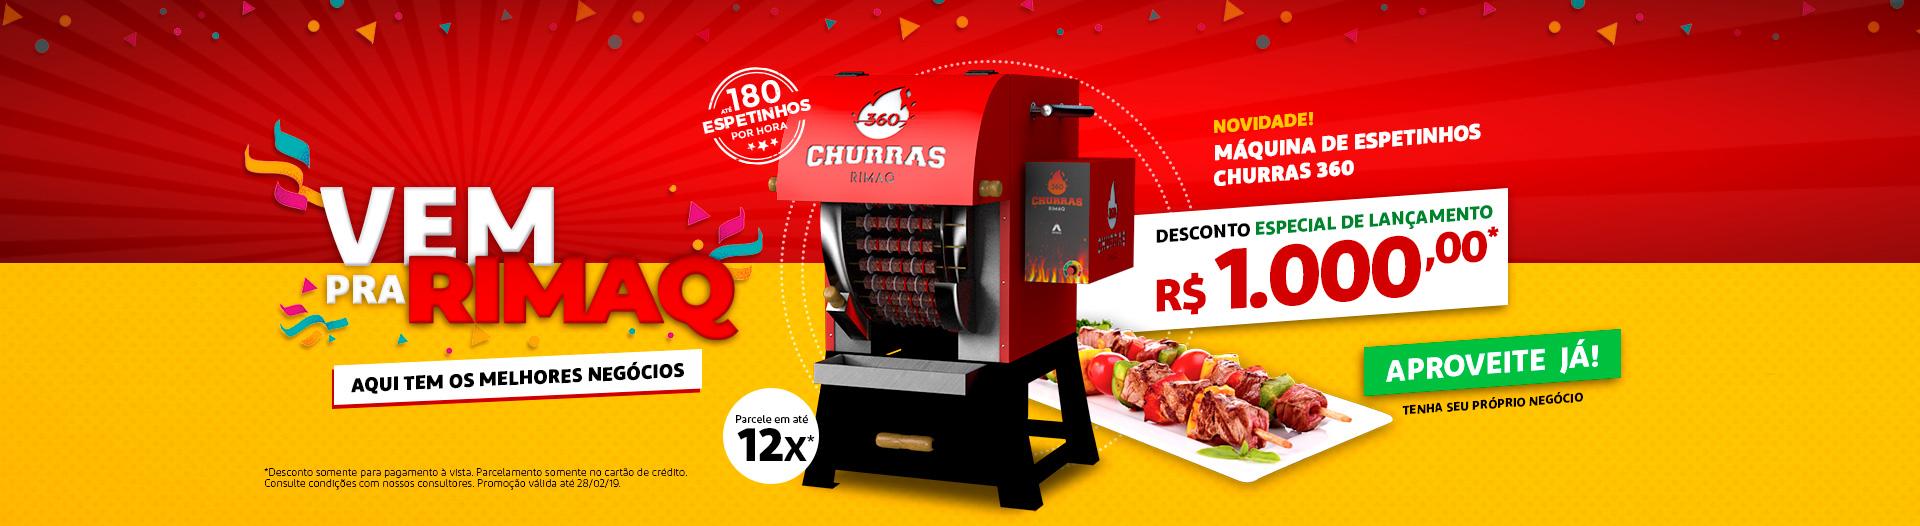 campanha-carnaval-2019-churras